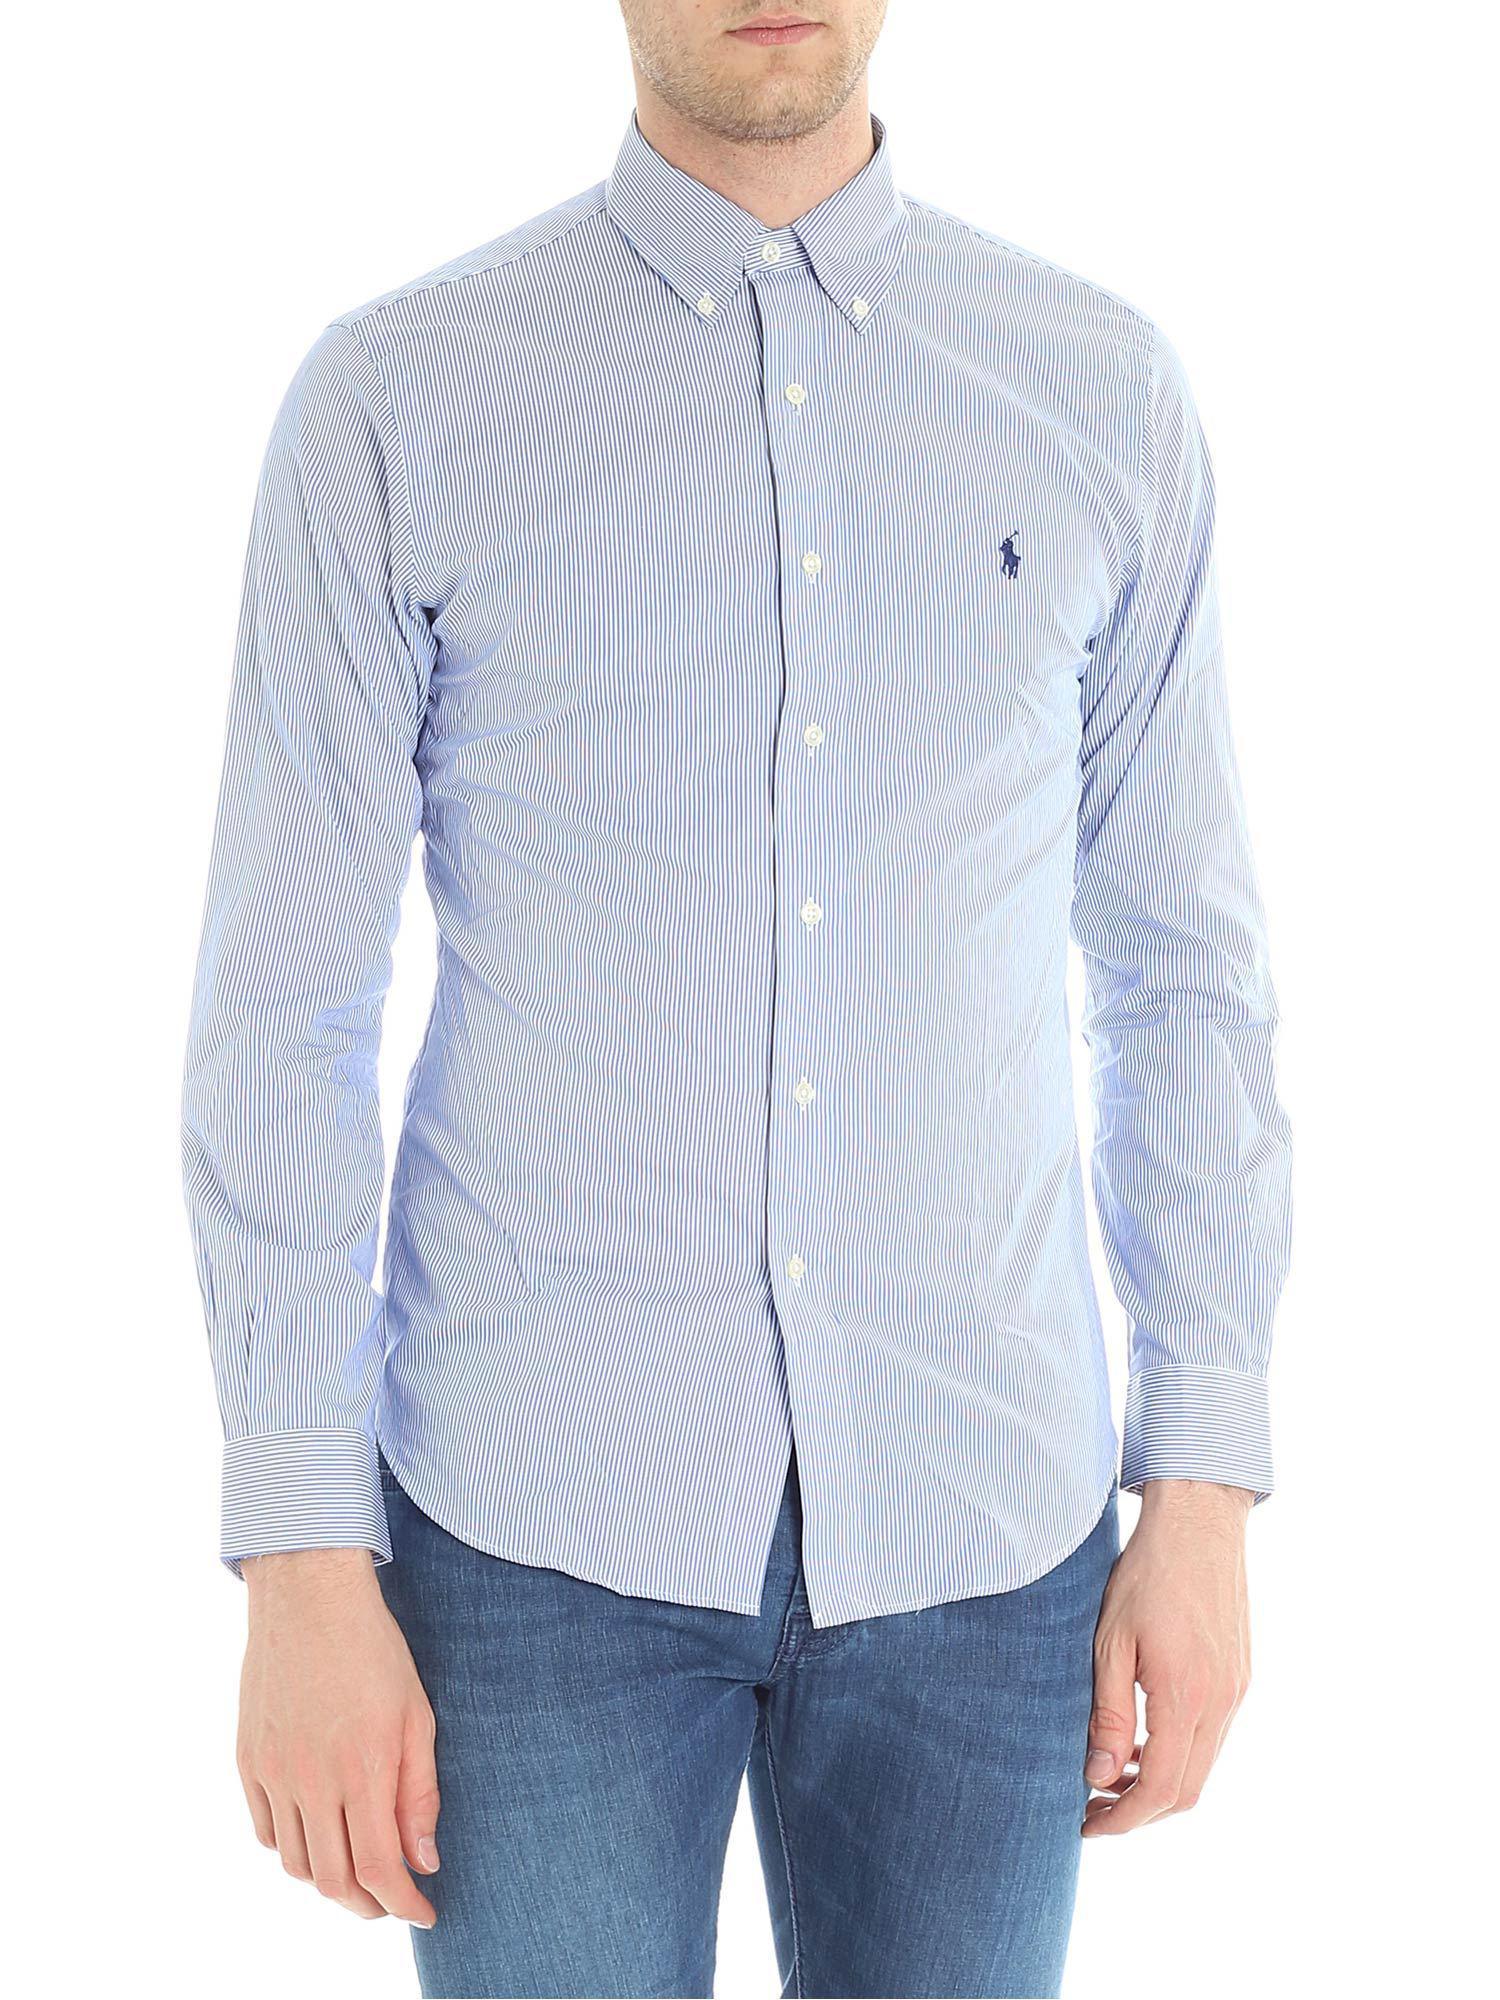 646e8fd3b6667 Ralph Lauren Light Blue And White Striped Shirt in Blue for Men - Lyst